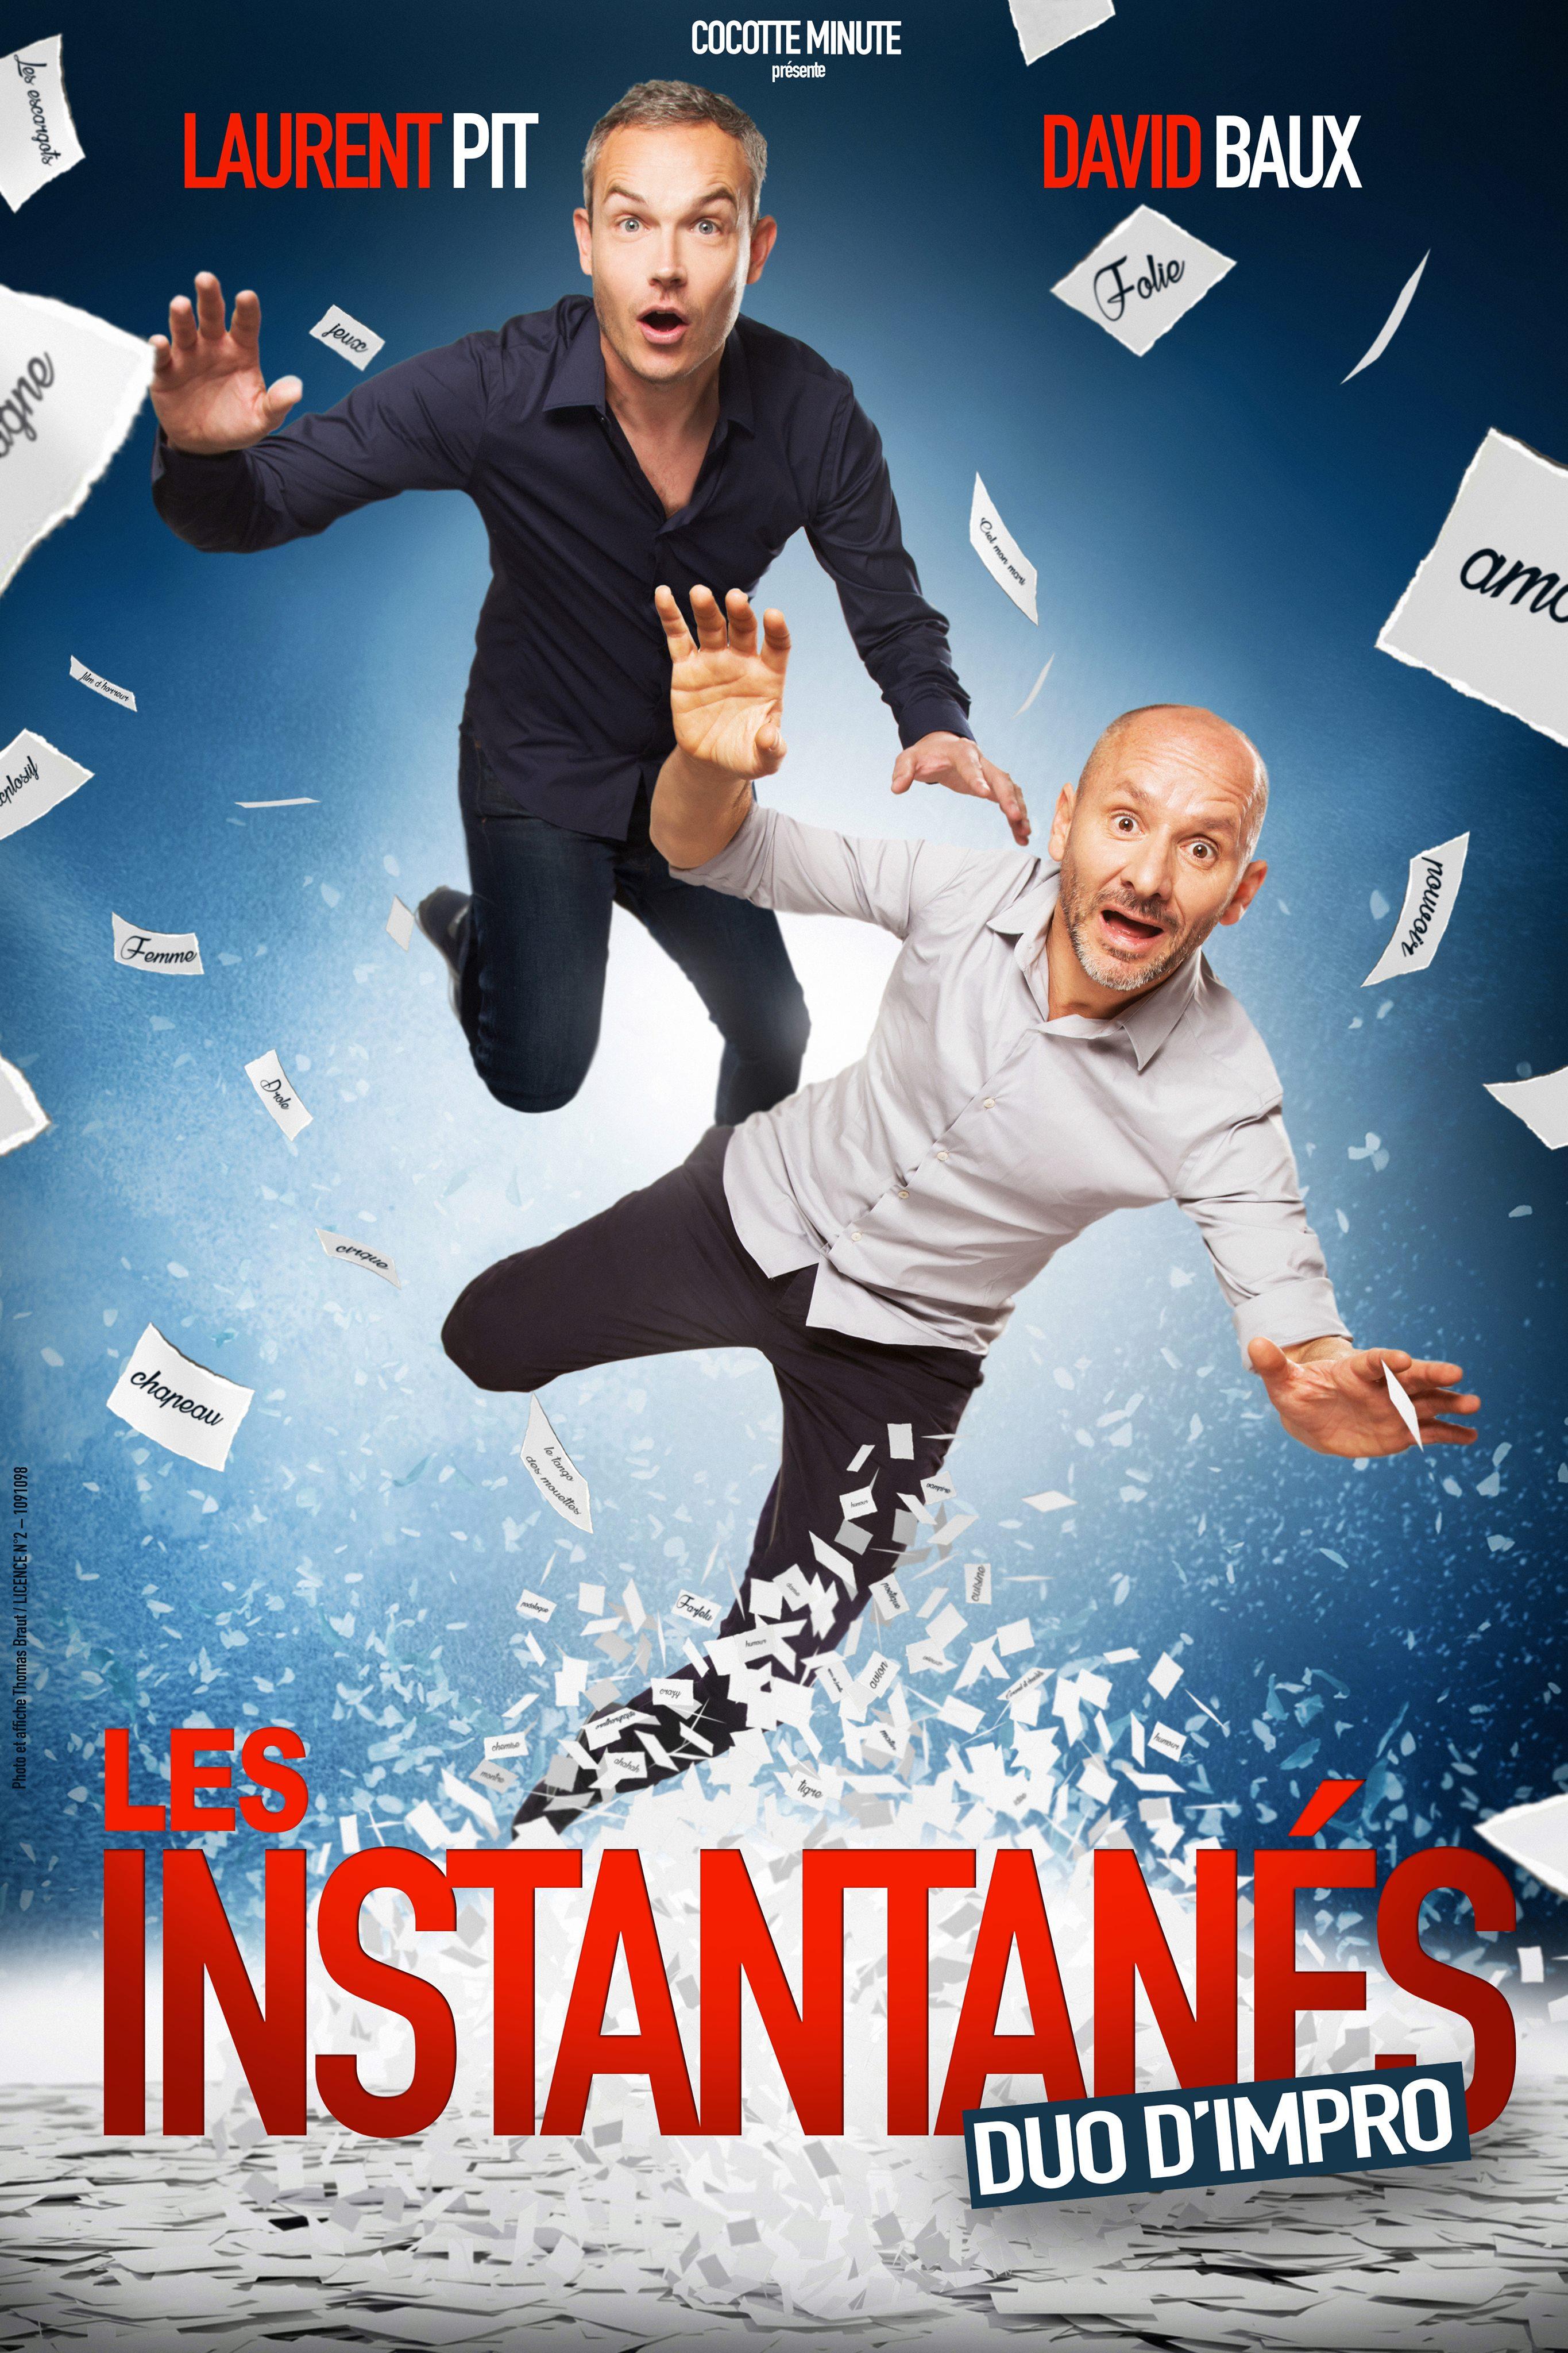 Laurent Pit et David Baux dans « Les Instantanés » Duo d'Impro